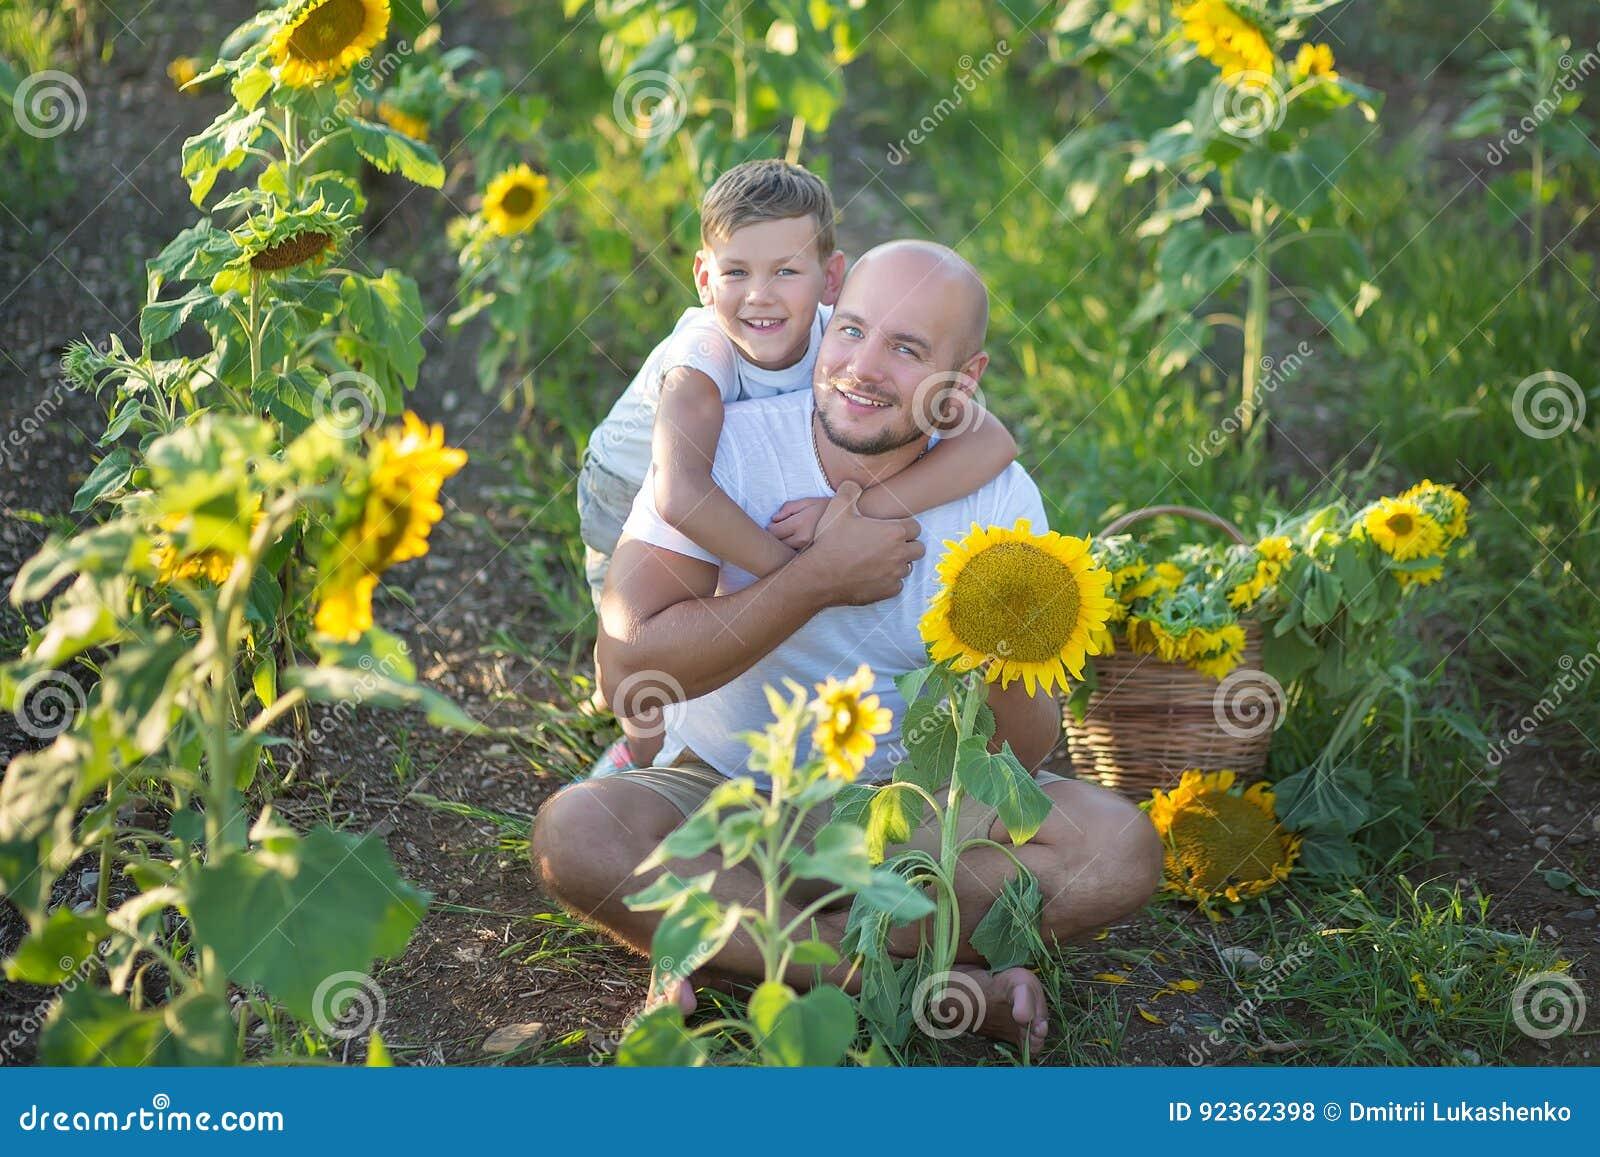 Papa avec le fils étreignant dans un domaine des tournesols Étreinte de fils son père dans un domaine des tournesols